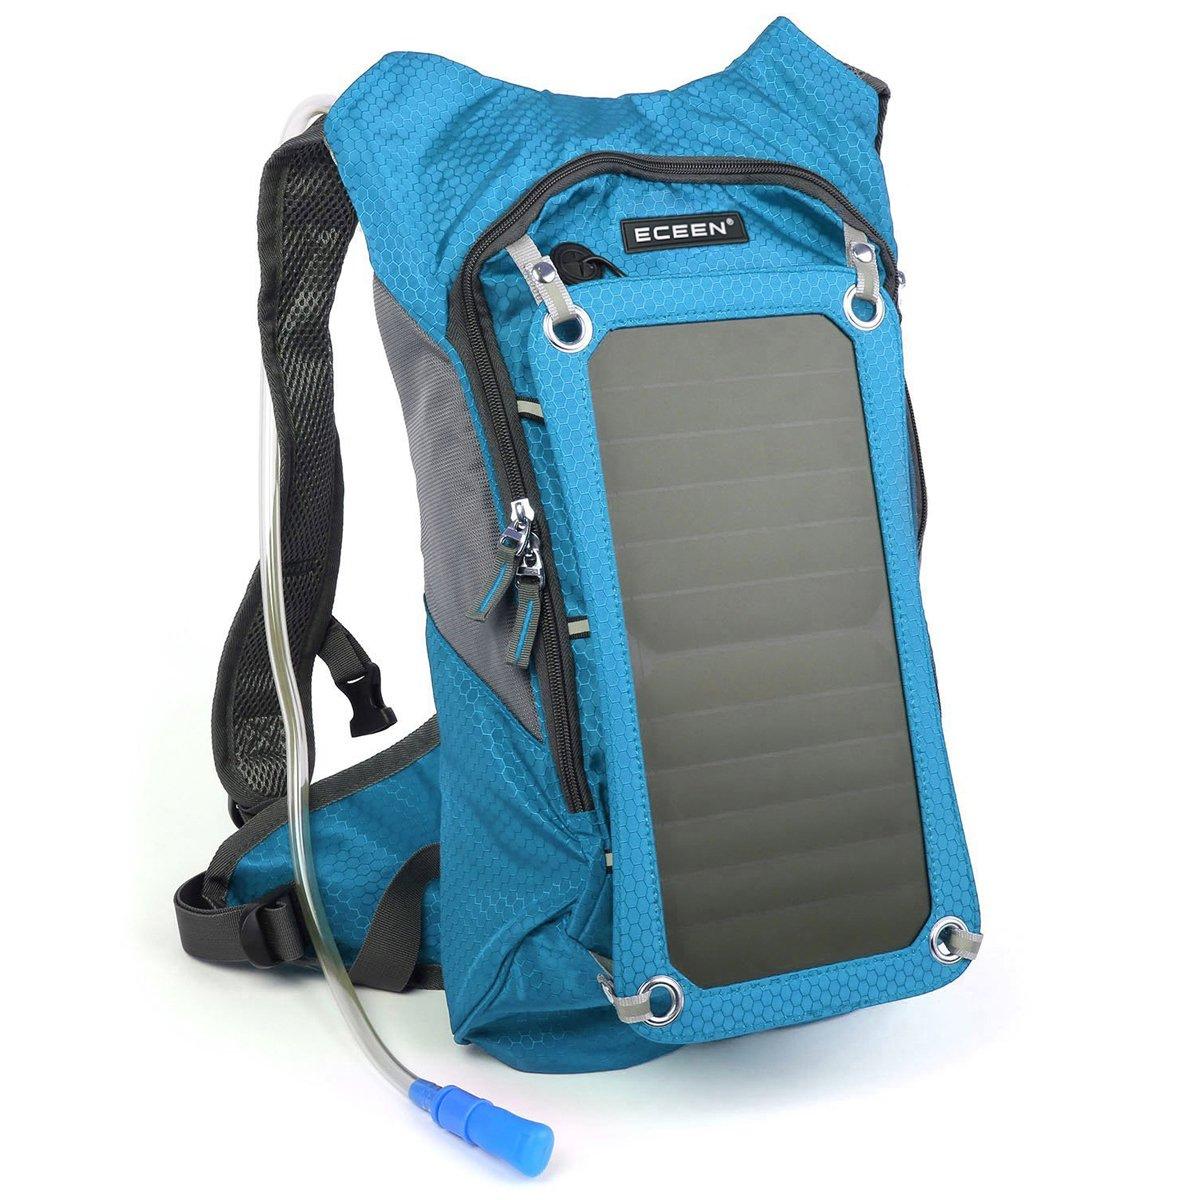 ECEEN Backpack